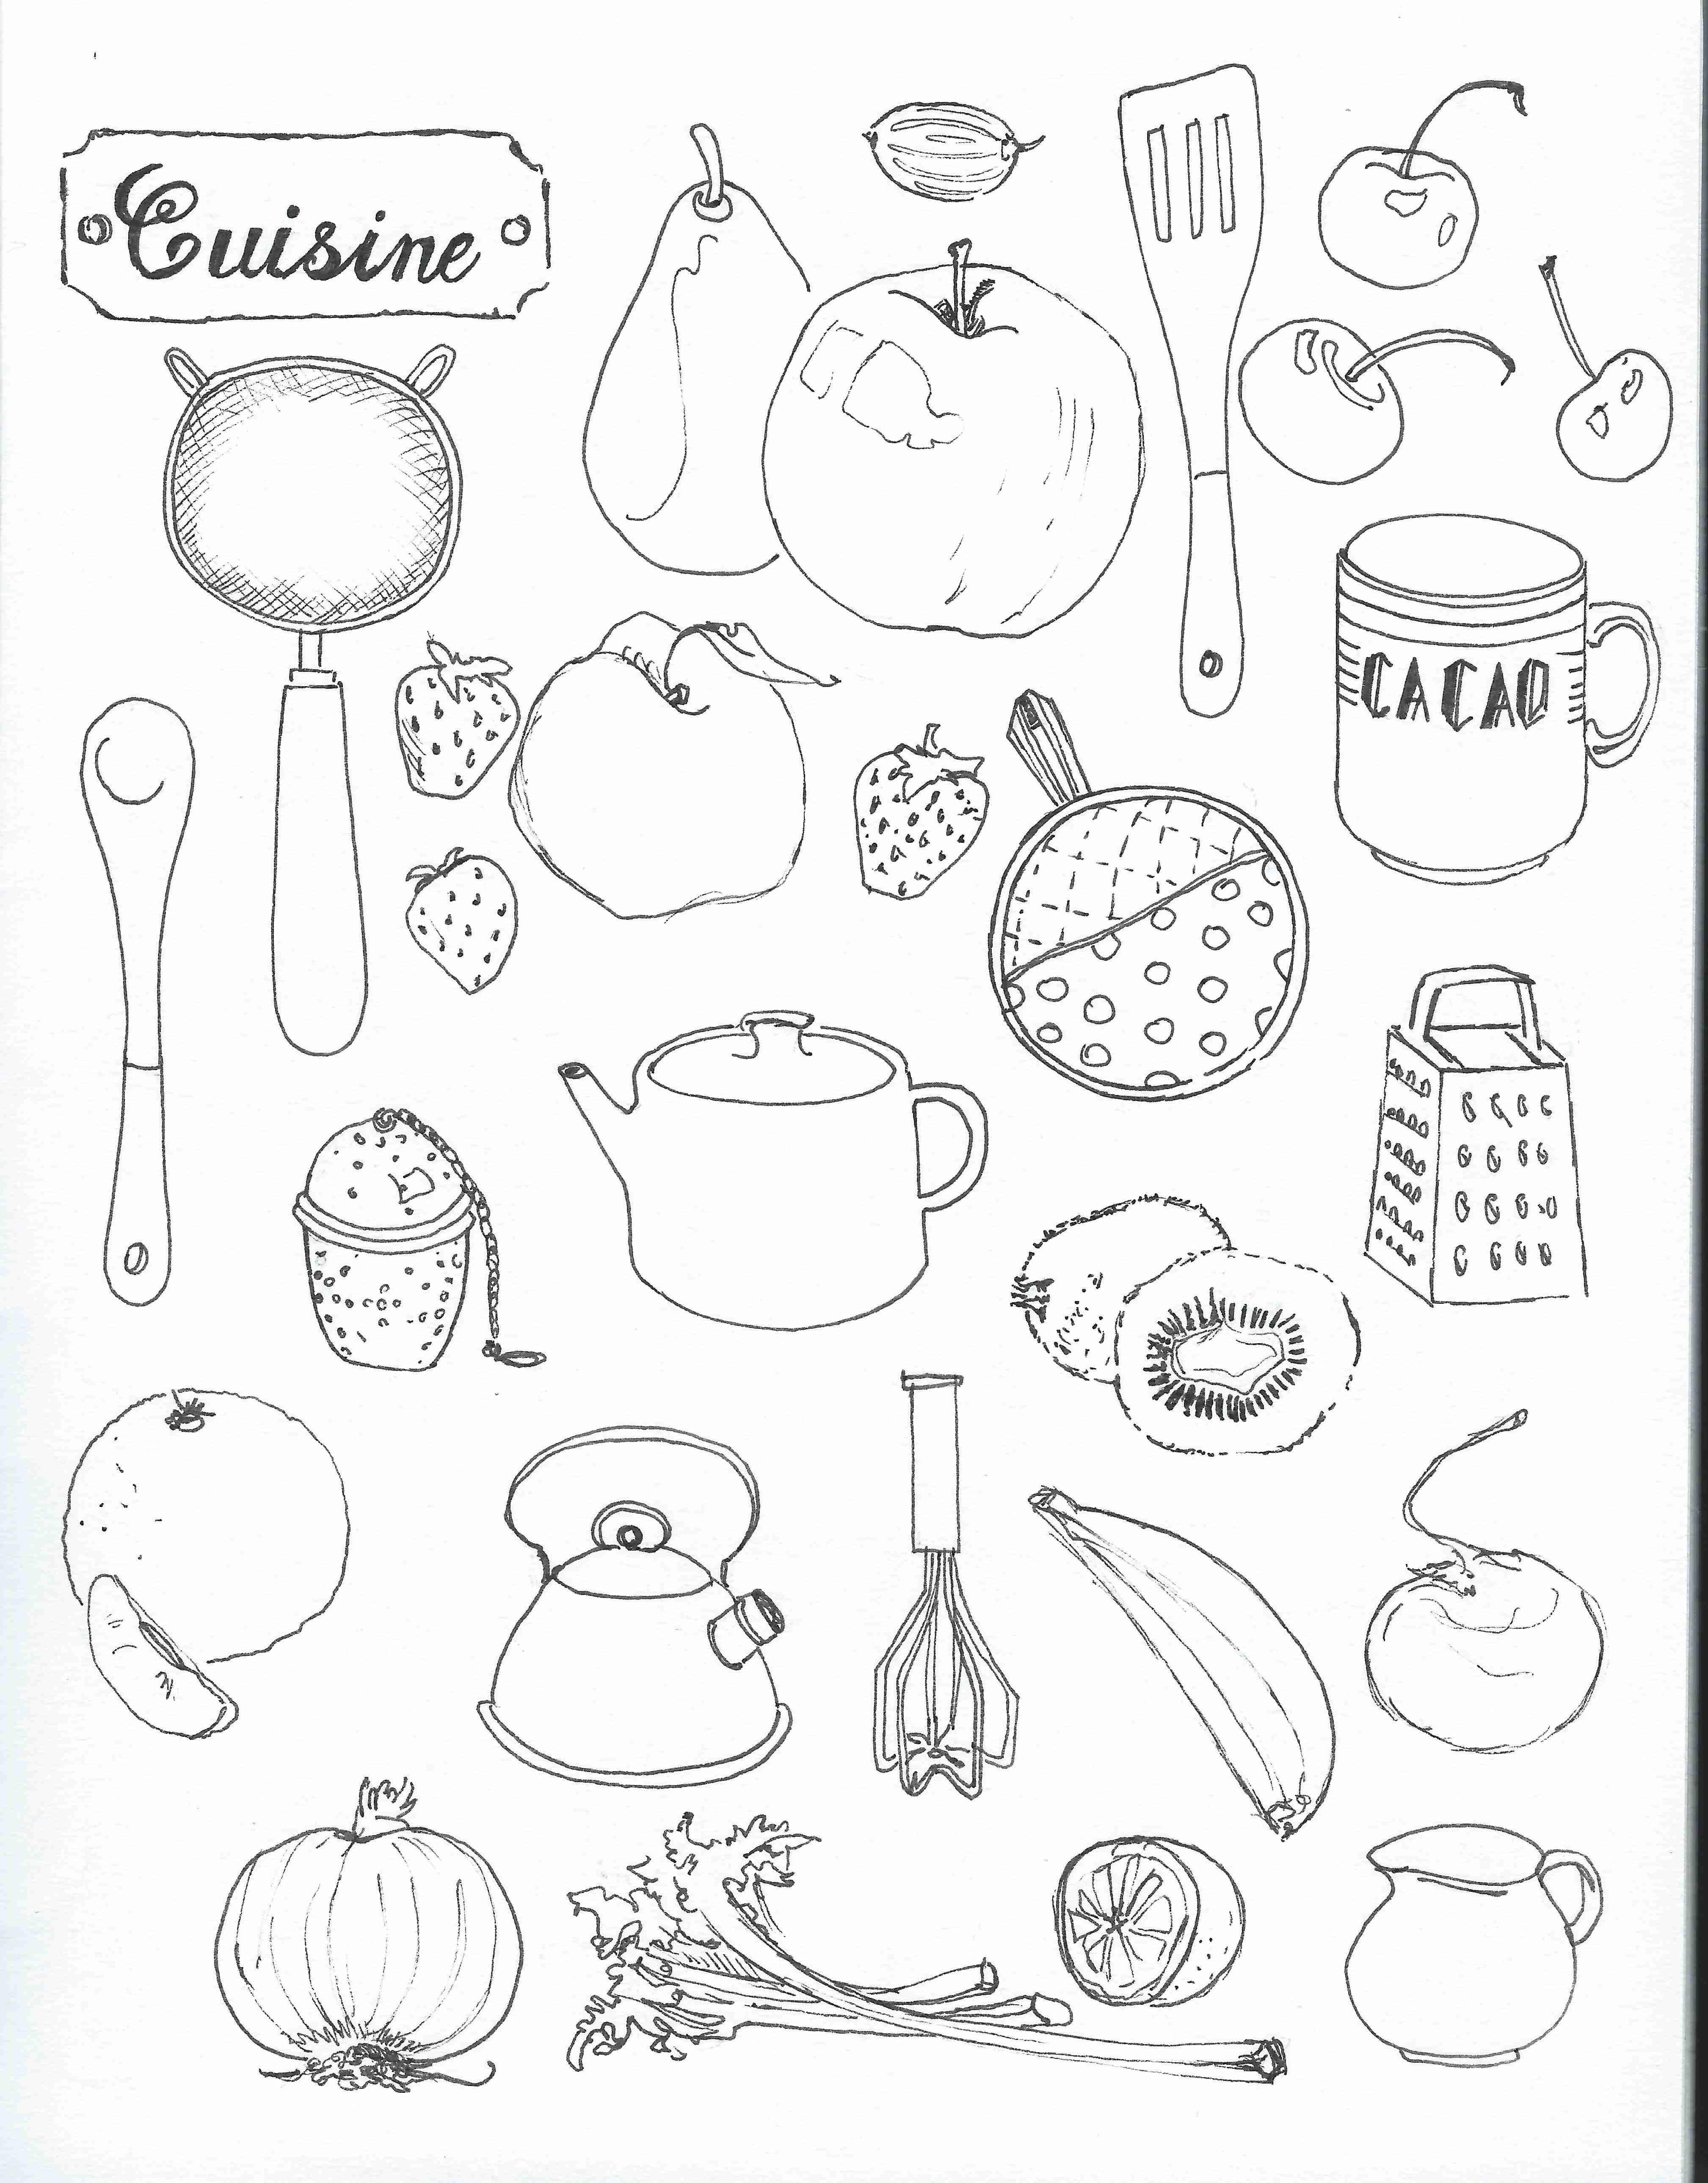 Black and white kitchen stuff | Sketchnotes | Pinterest | Kitchen stuff